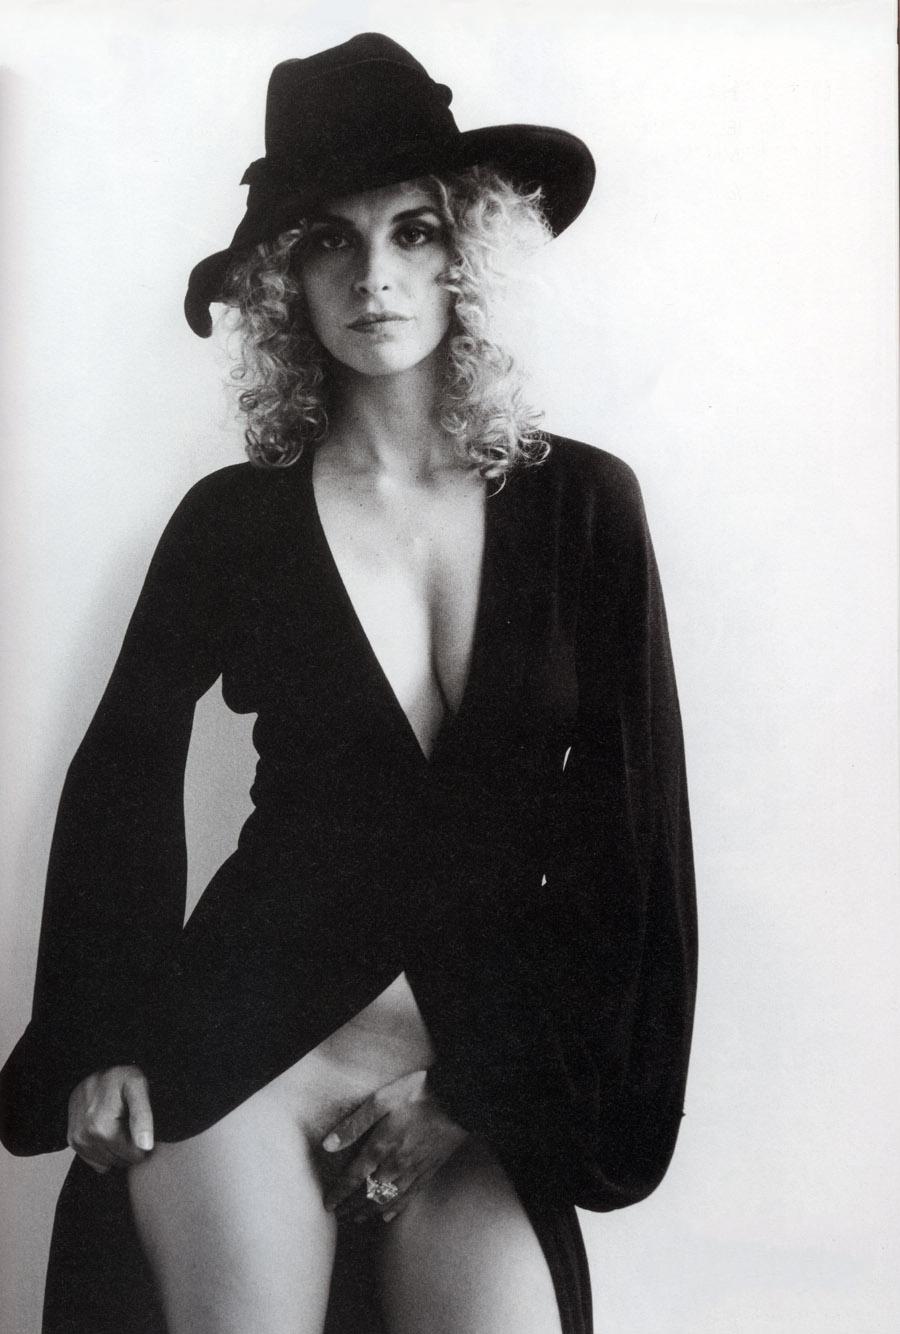 Nacktbilder: Hier zeigt die Nina Hoss alles! » Nacktefoto